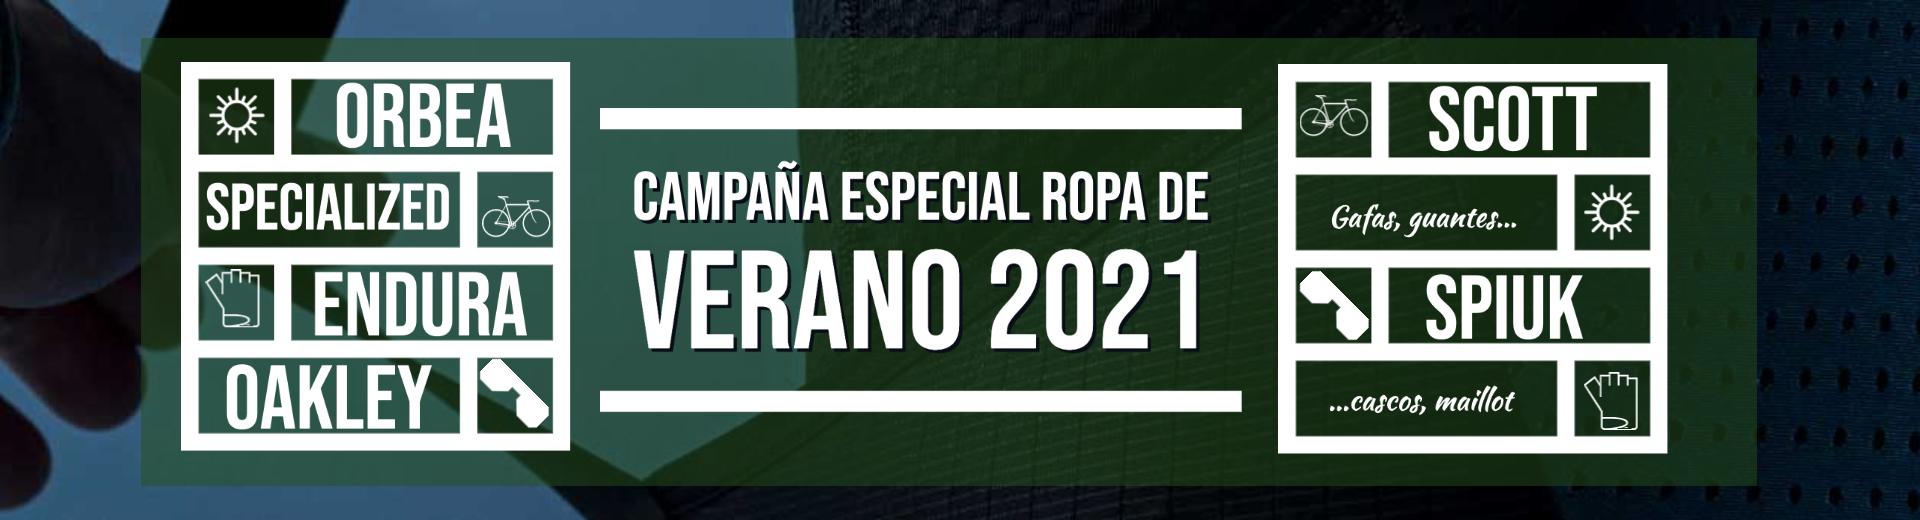 ROPA DE VERANO 2021